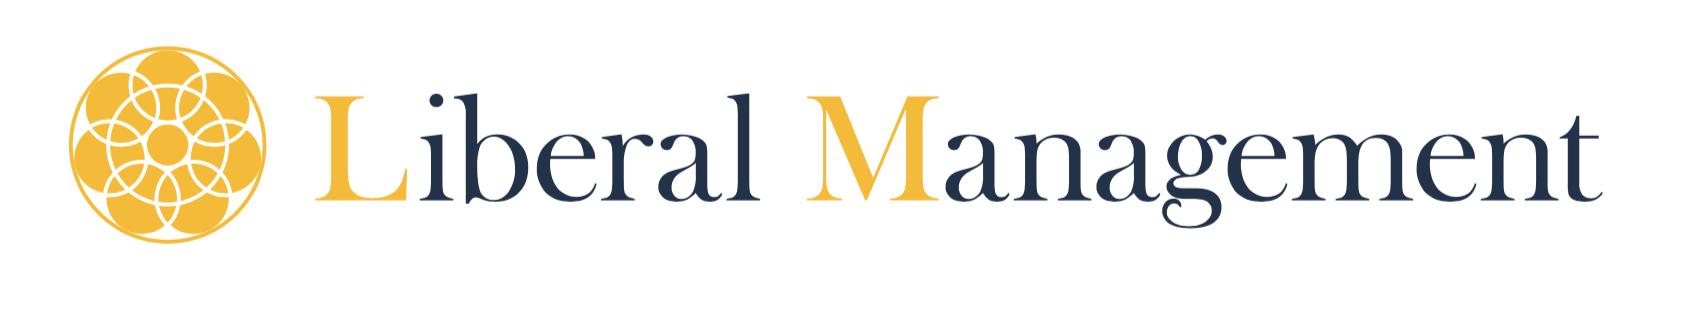 リベラル・アーツ×マネジメント/人材育成はリベラルマネジメント